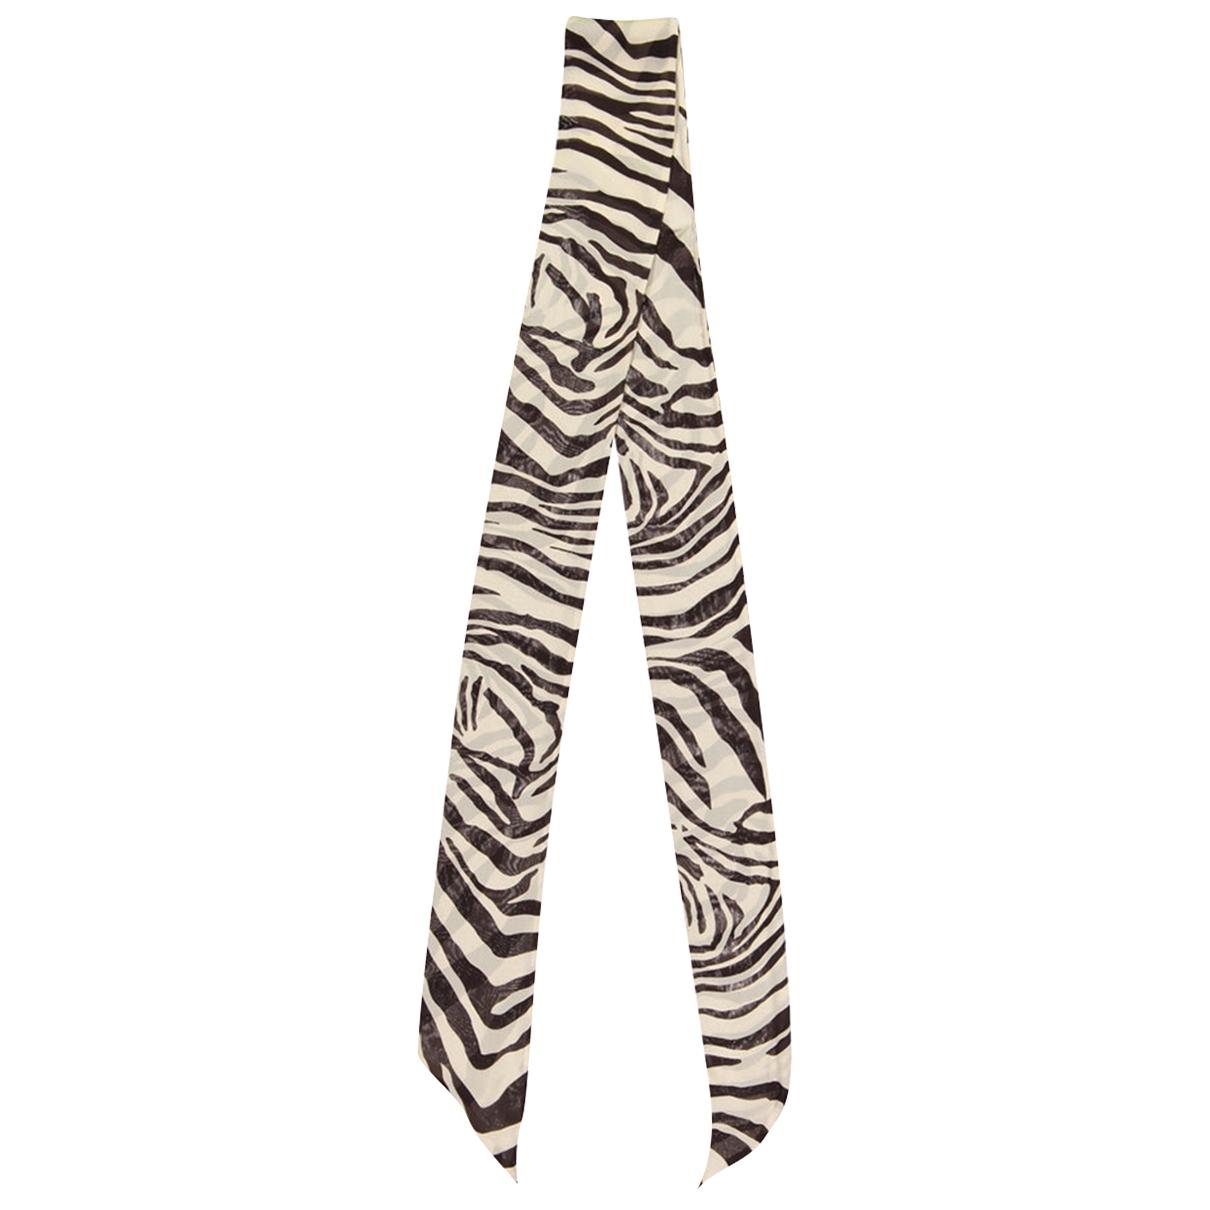 Chloé N Silk scarf for Women N